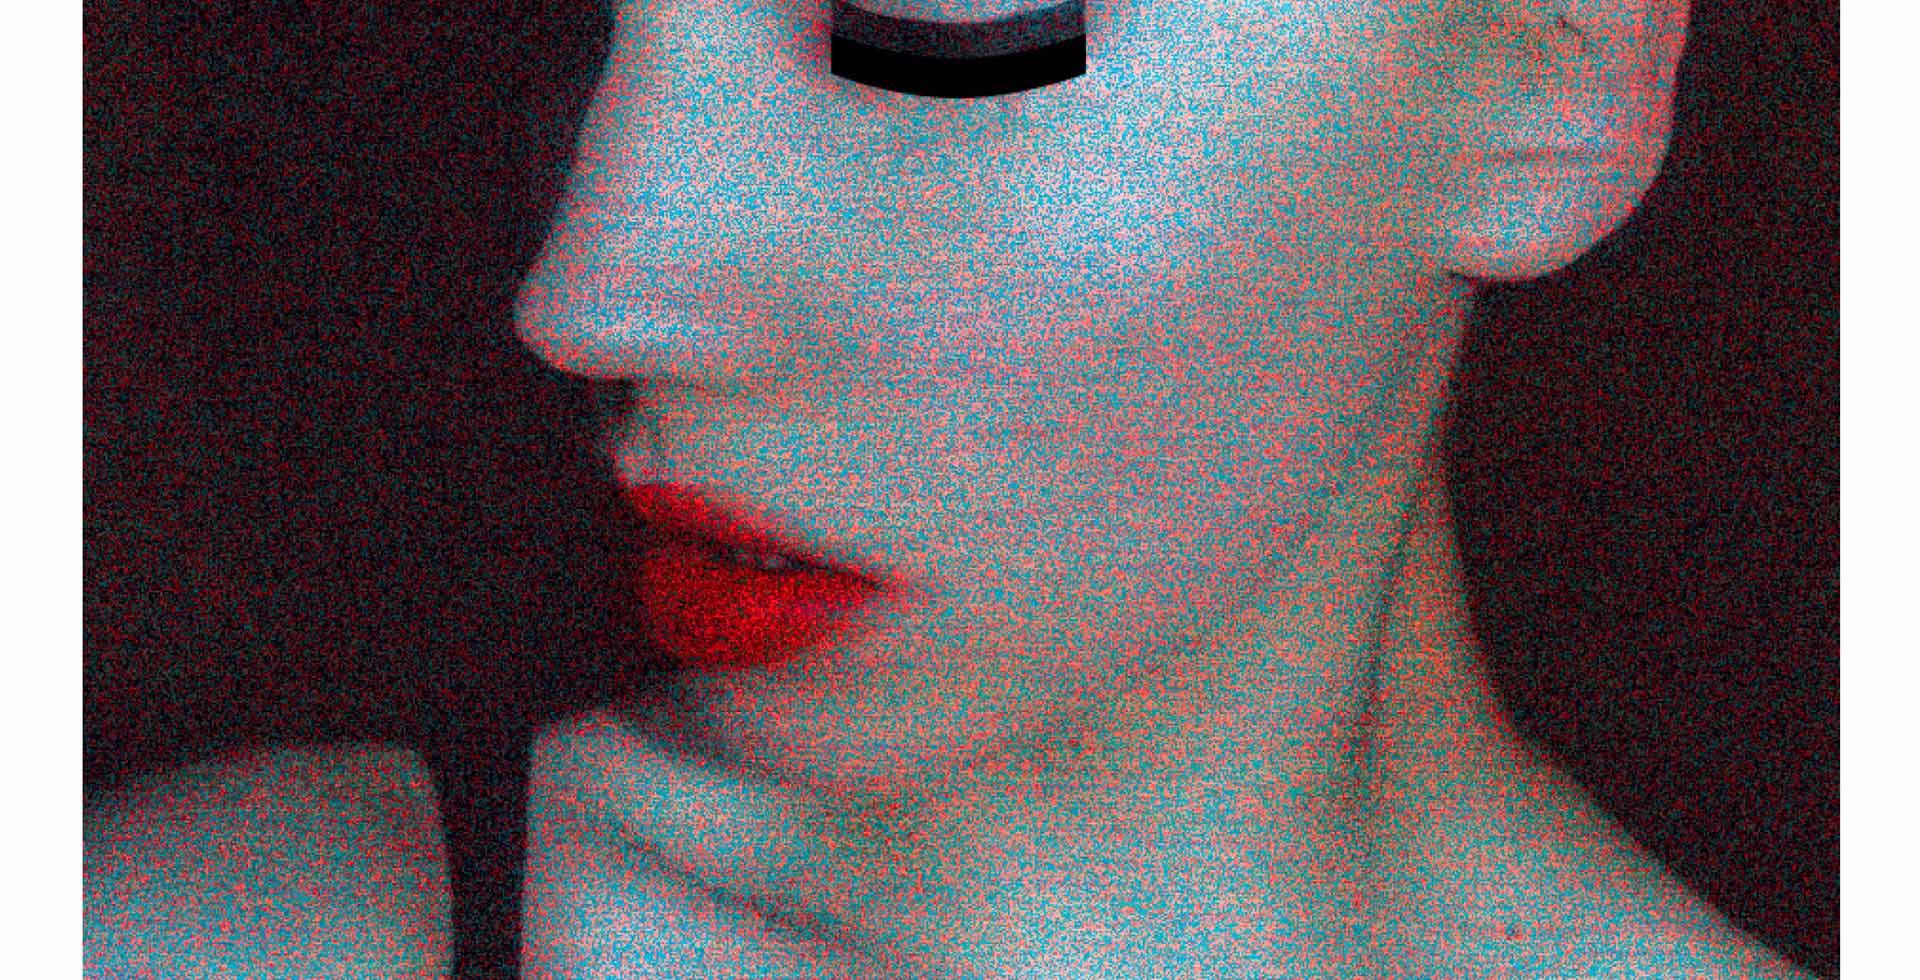 La sartorialità è la nuova frontiera della bellezza. In cosa consiste? Chiedi all'app